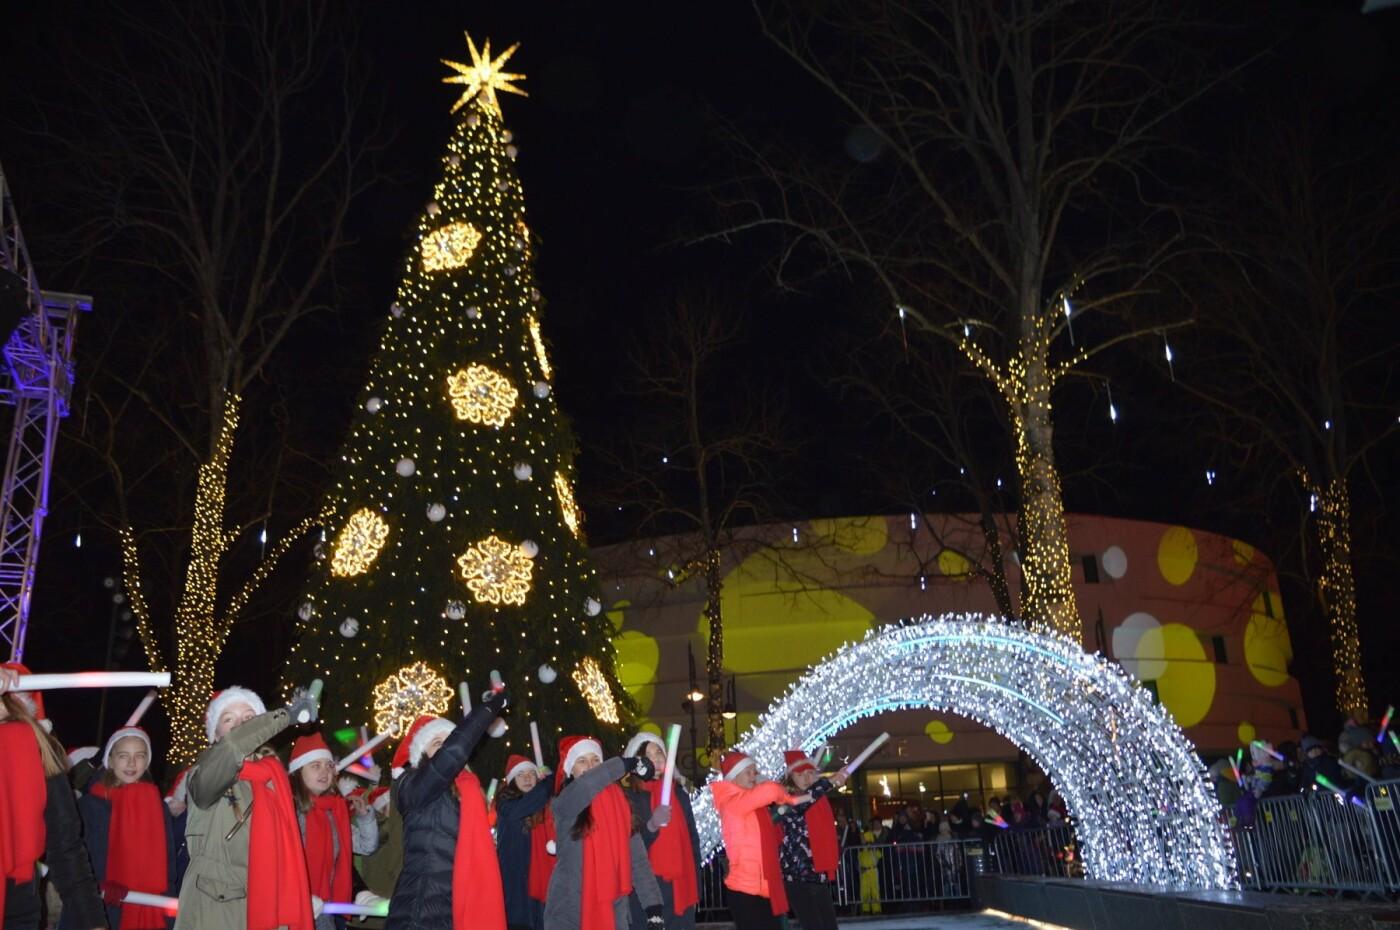 Palanga įžiebė eglę ir suspindo tūkstančiais kalėdinių šviesų, nuotrauka-70